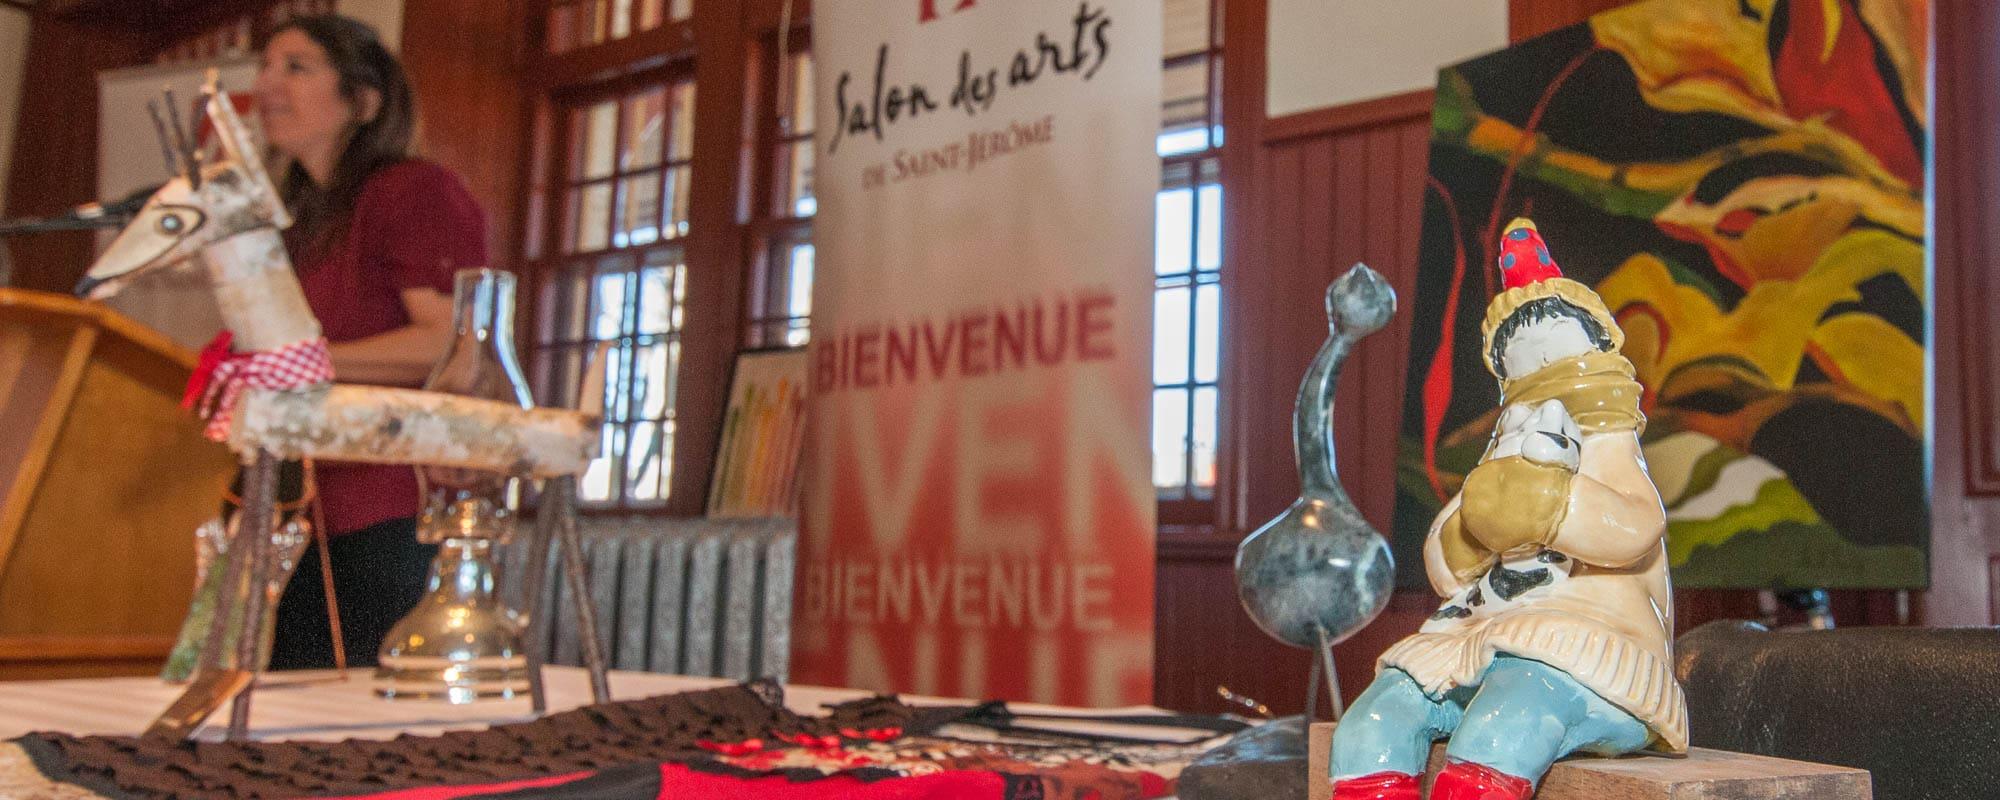 Bijoux peintures et nourriture au salon des arts topolocal - Salon des arts nancy ...